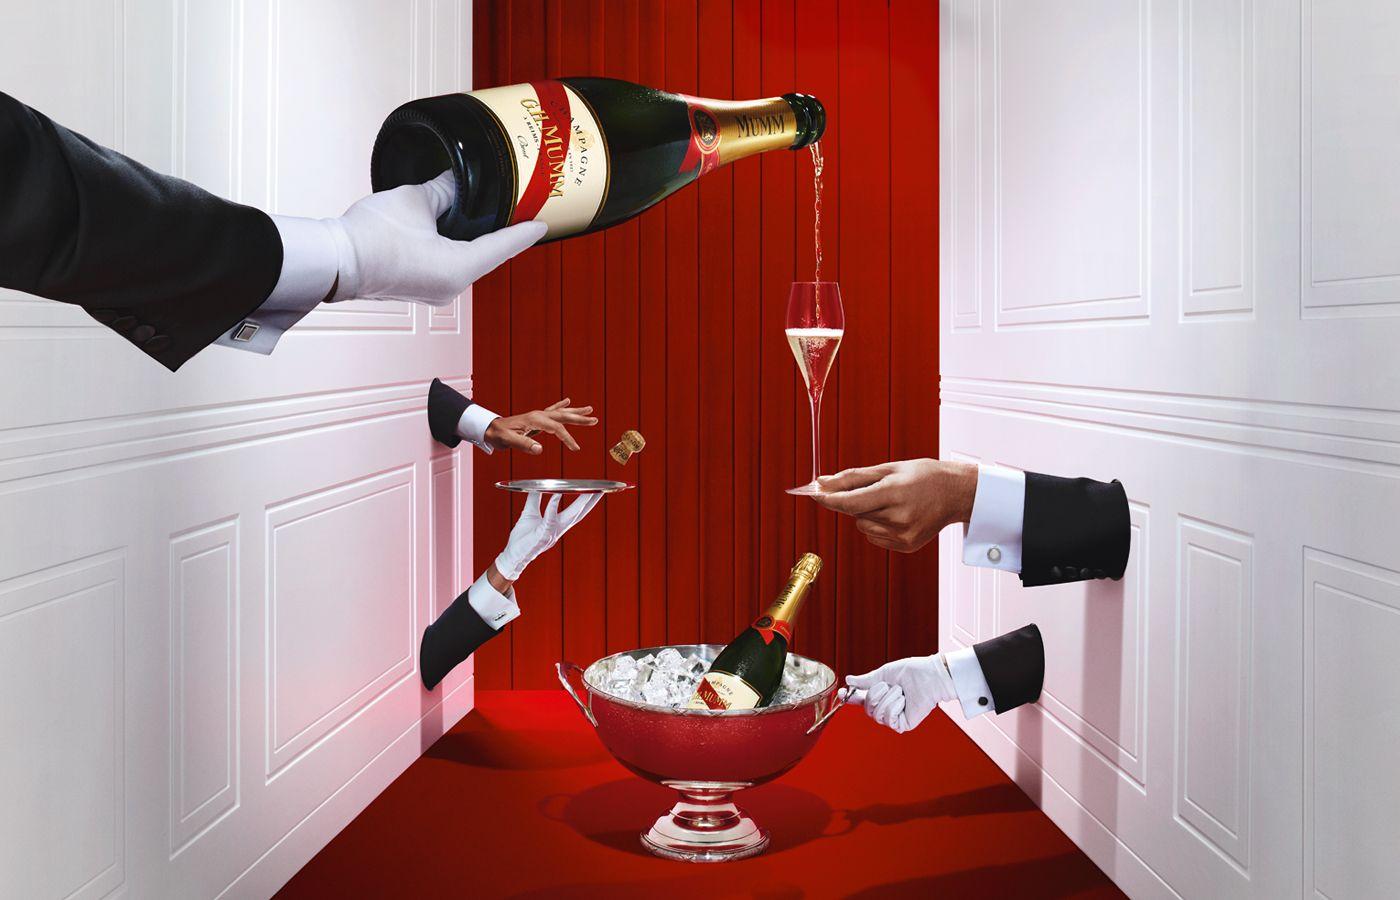 Mumm International Mumm Champagne Champagne Drinks Gh Mumm Champagne